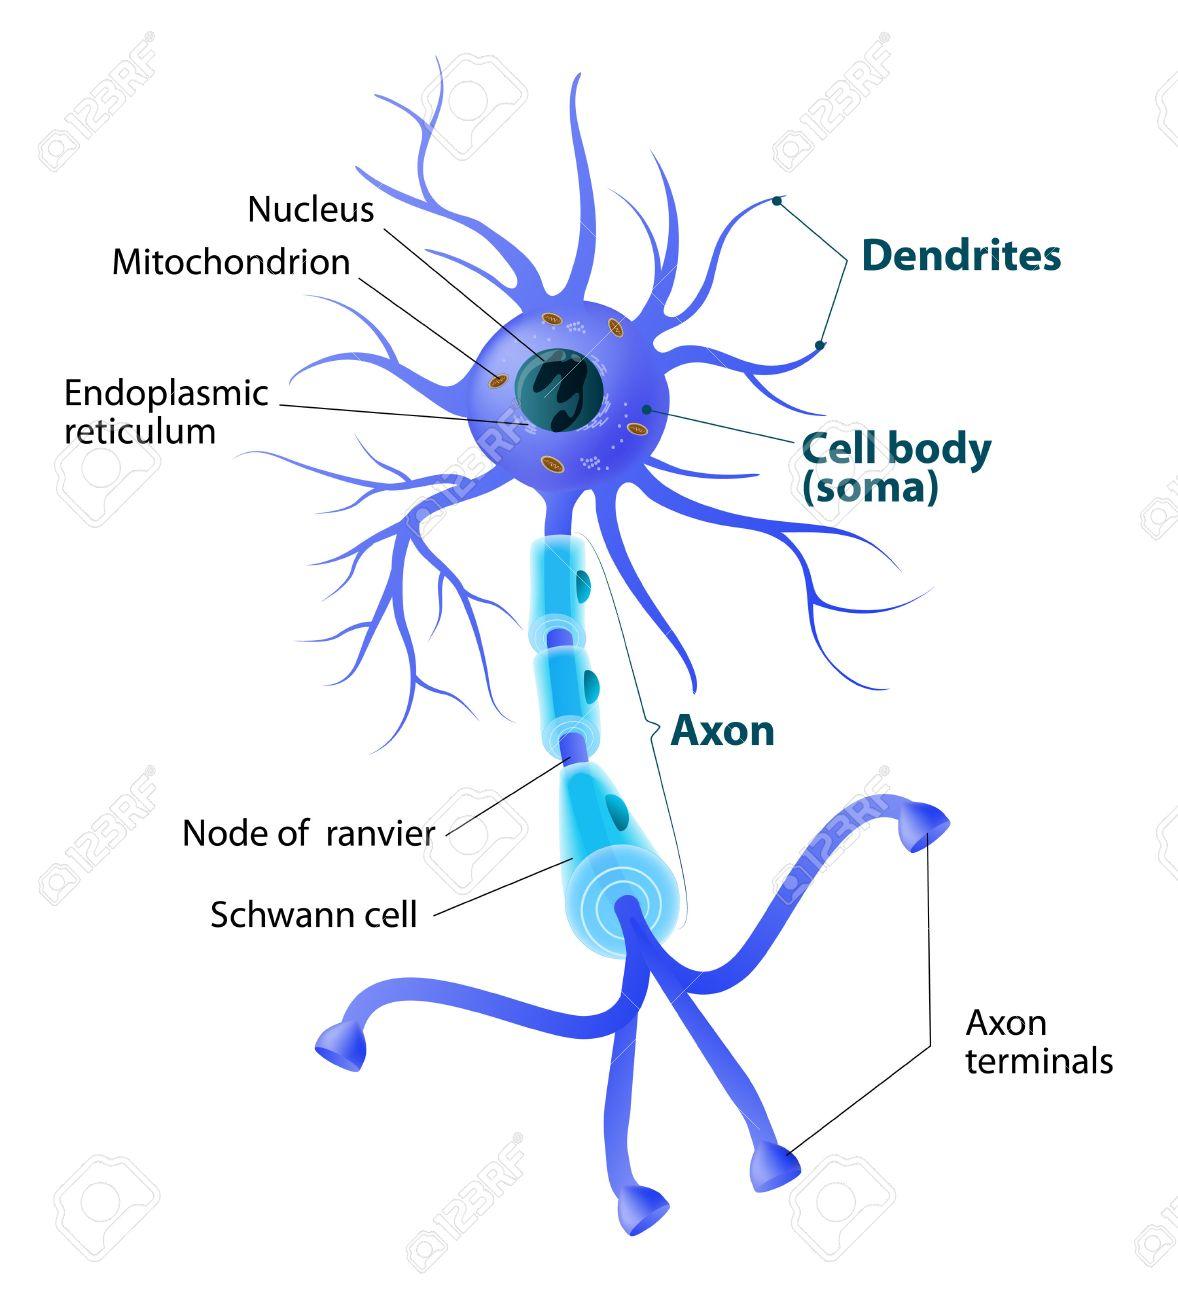 Anatomía De Una Neurona Humana Típica. Estructura De La Neurona ...